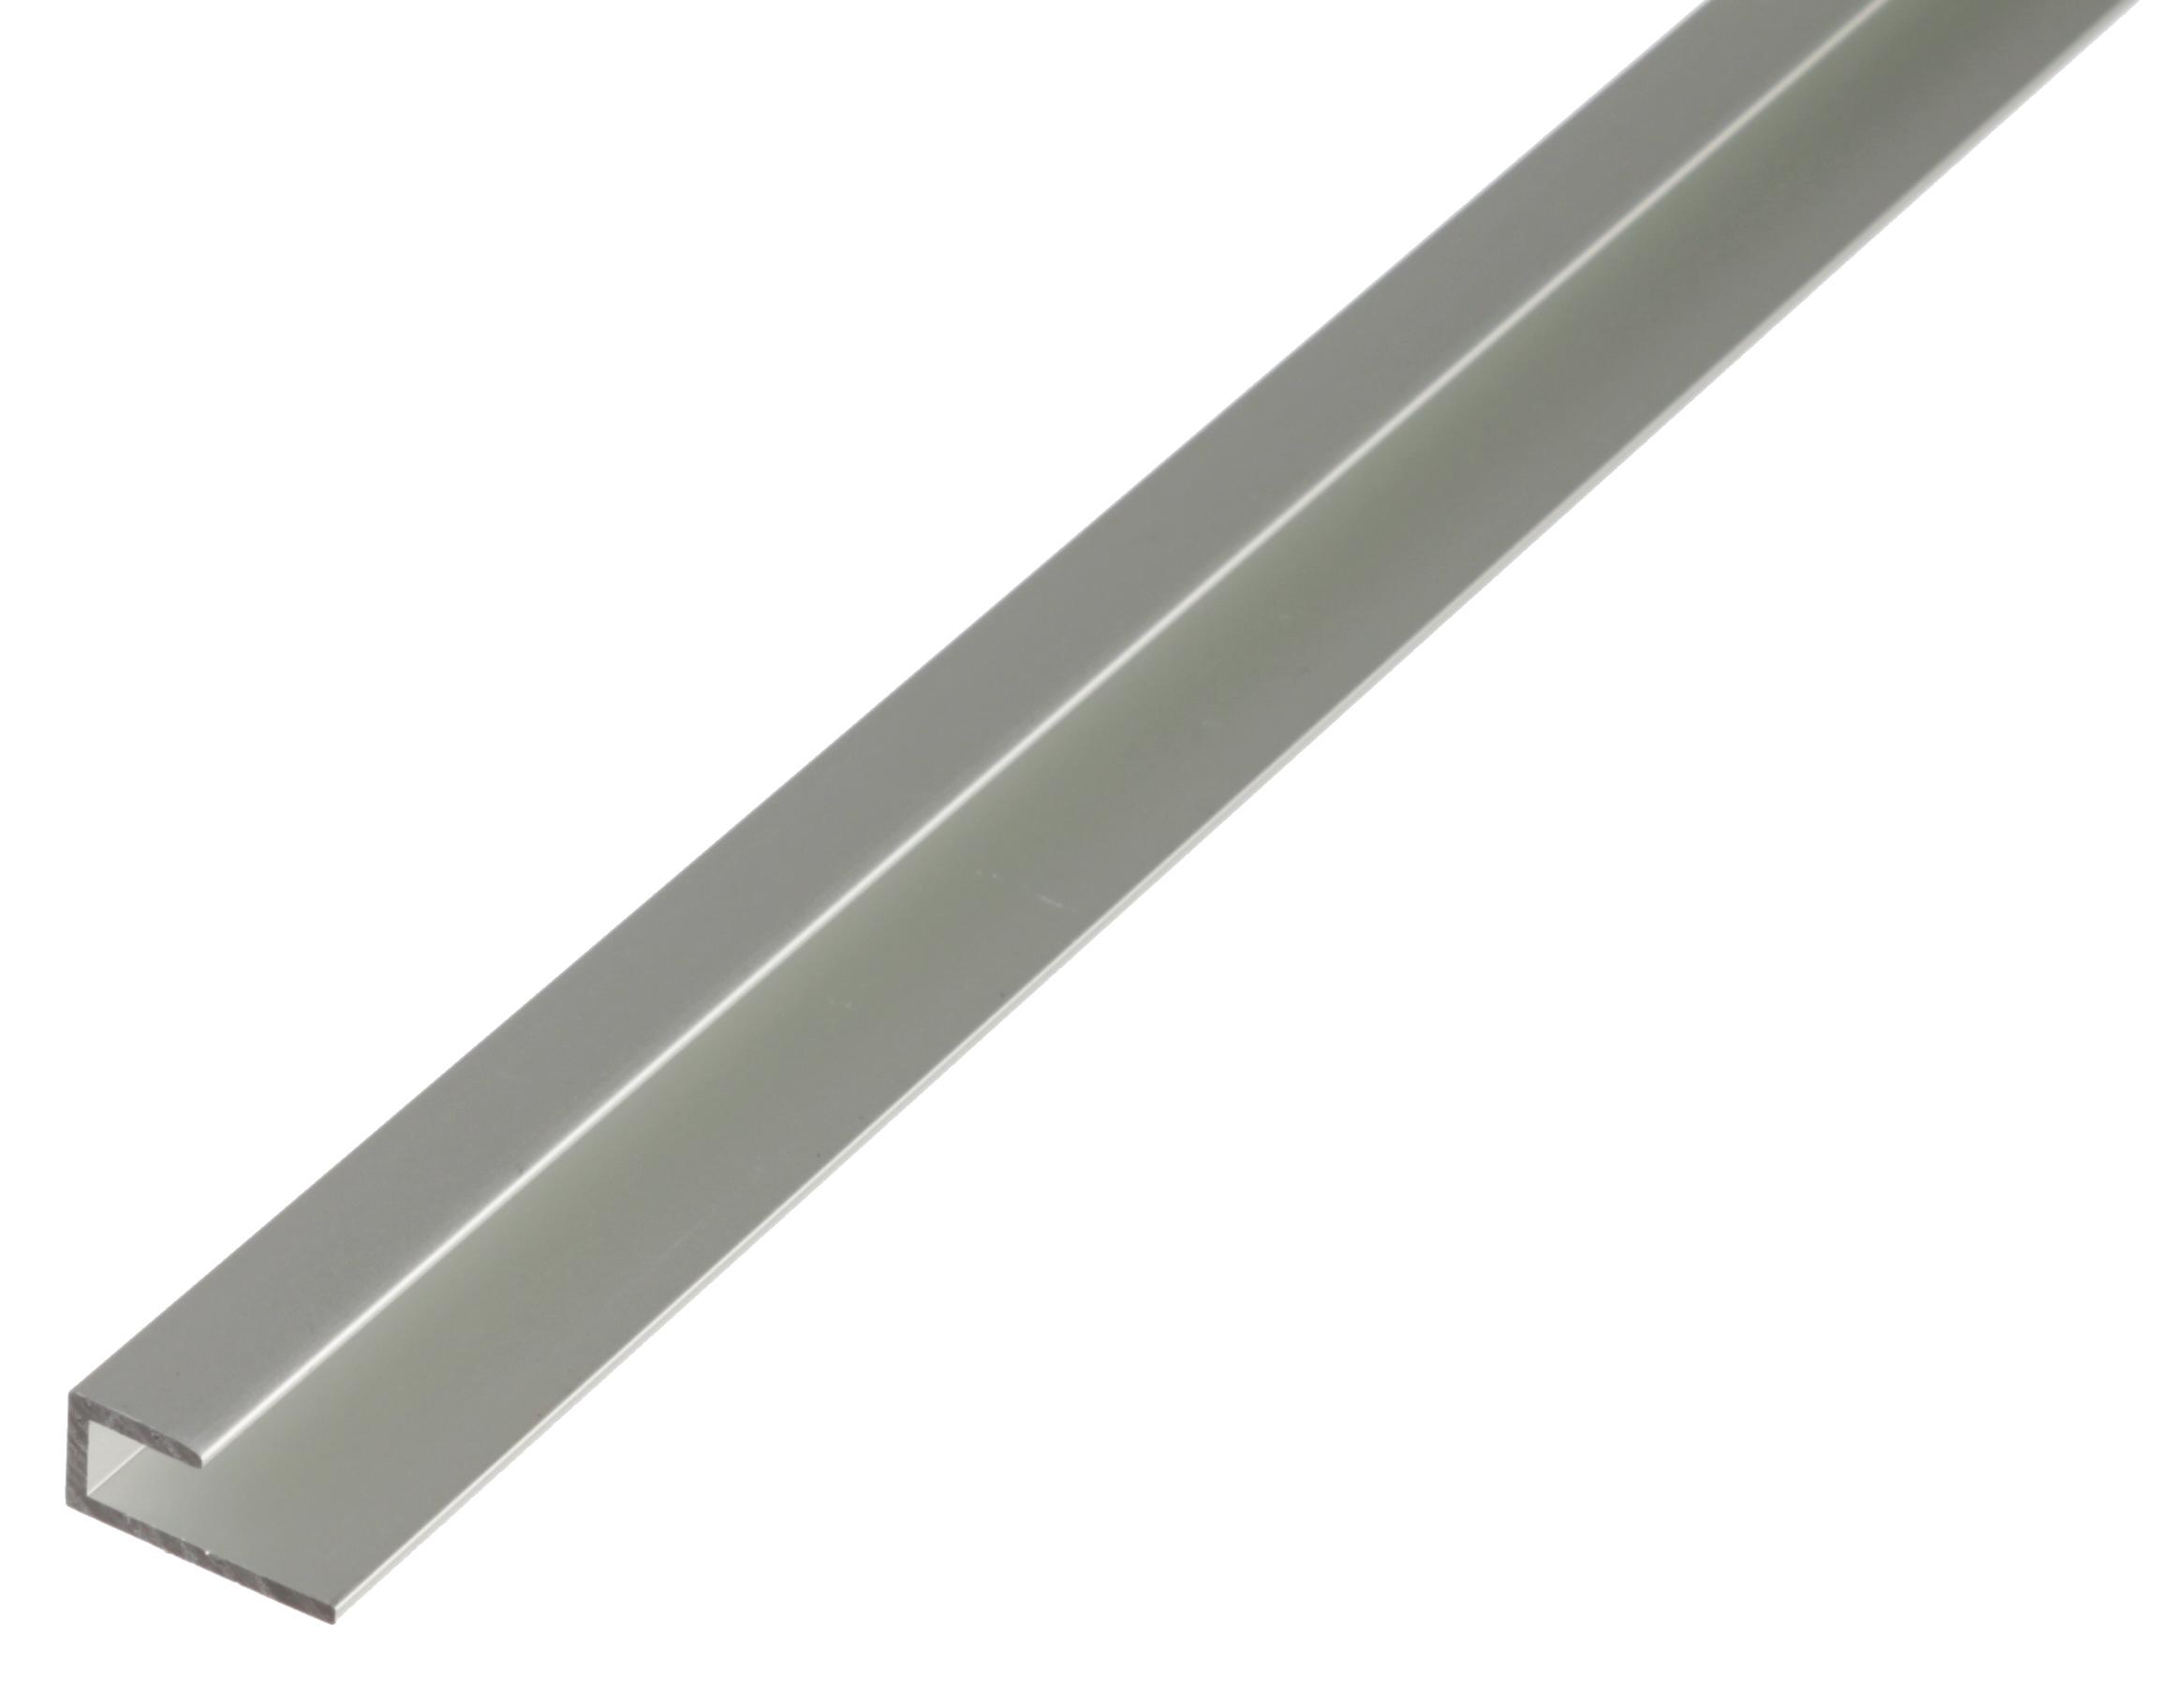 Профиль зажимной, Gah Alberts, алюминиевый, серебристый, 20x9x10х1000мм